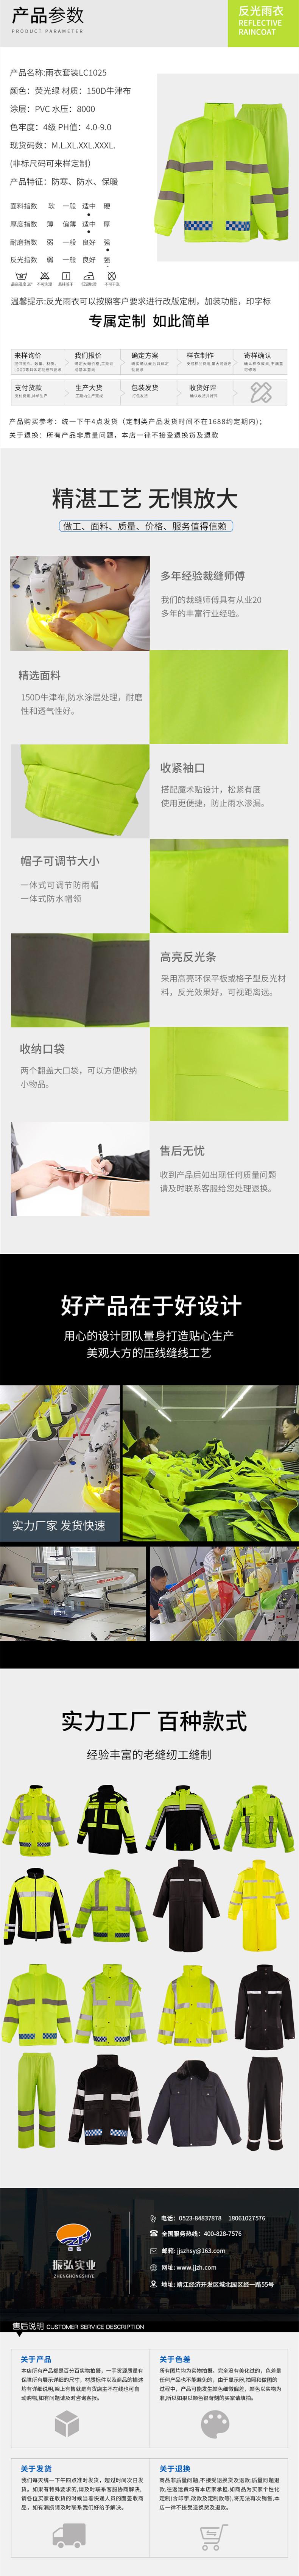 反光雨衣LC1025 详情页_副本2